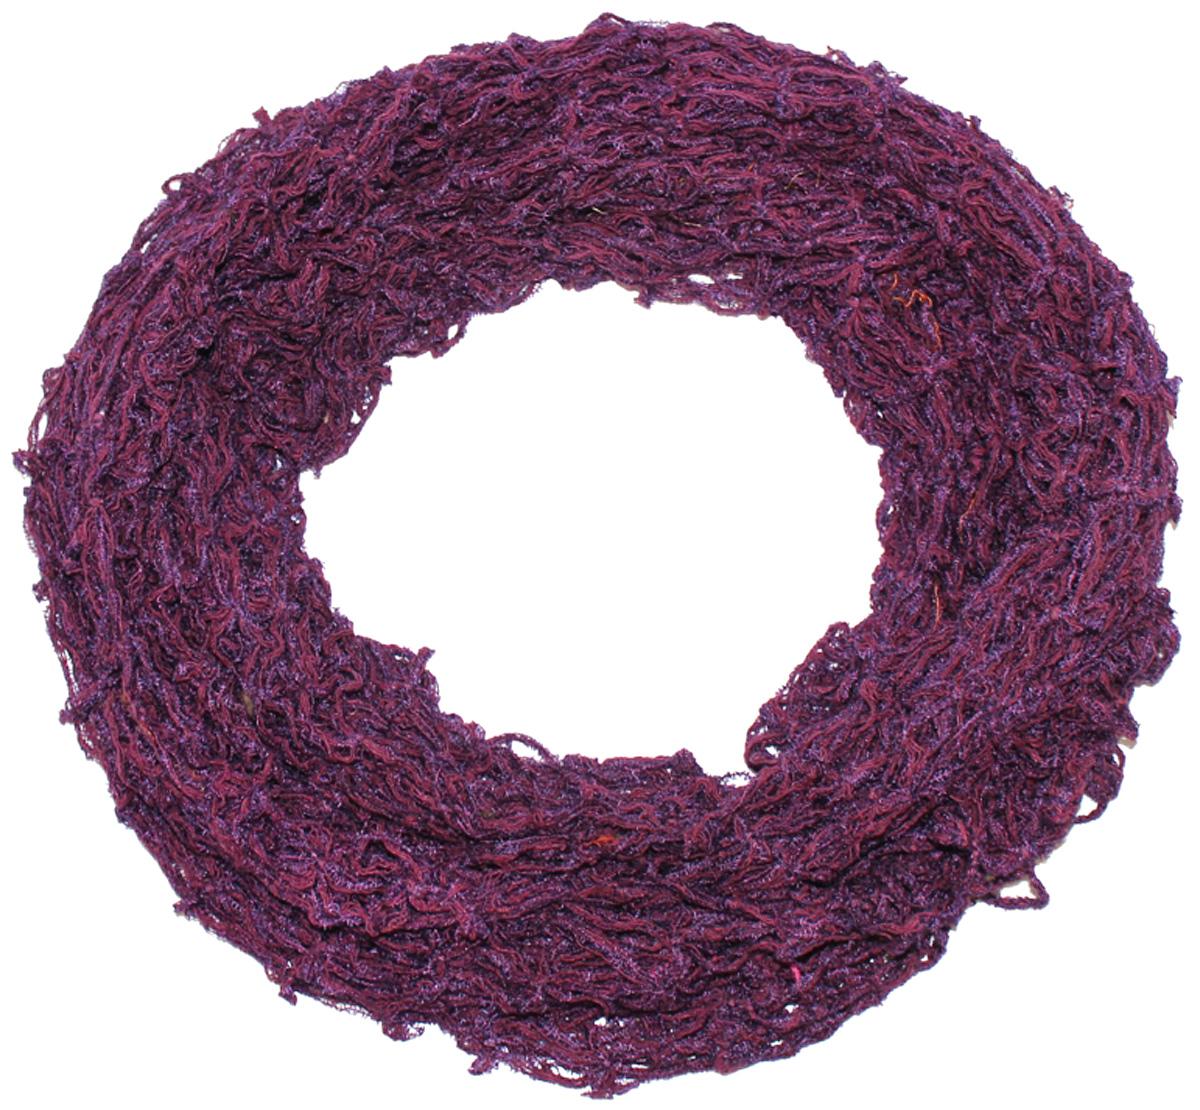 Шарф524110Изготавливается из натурального сырья с использованием натуральных красителей